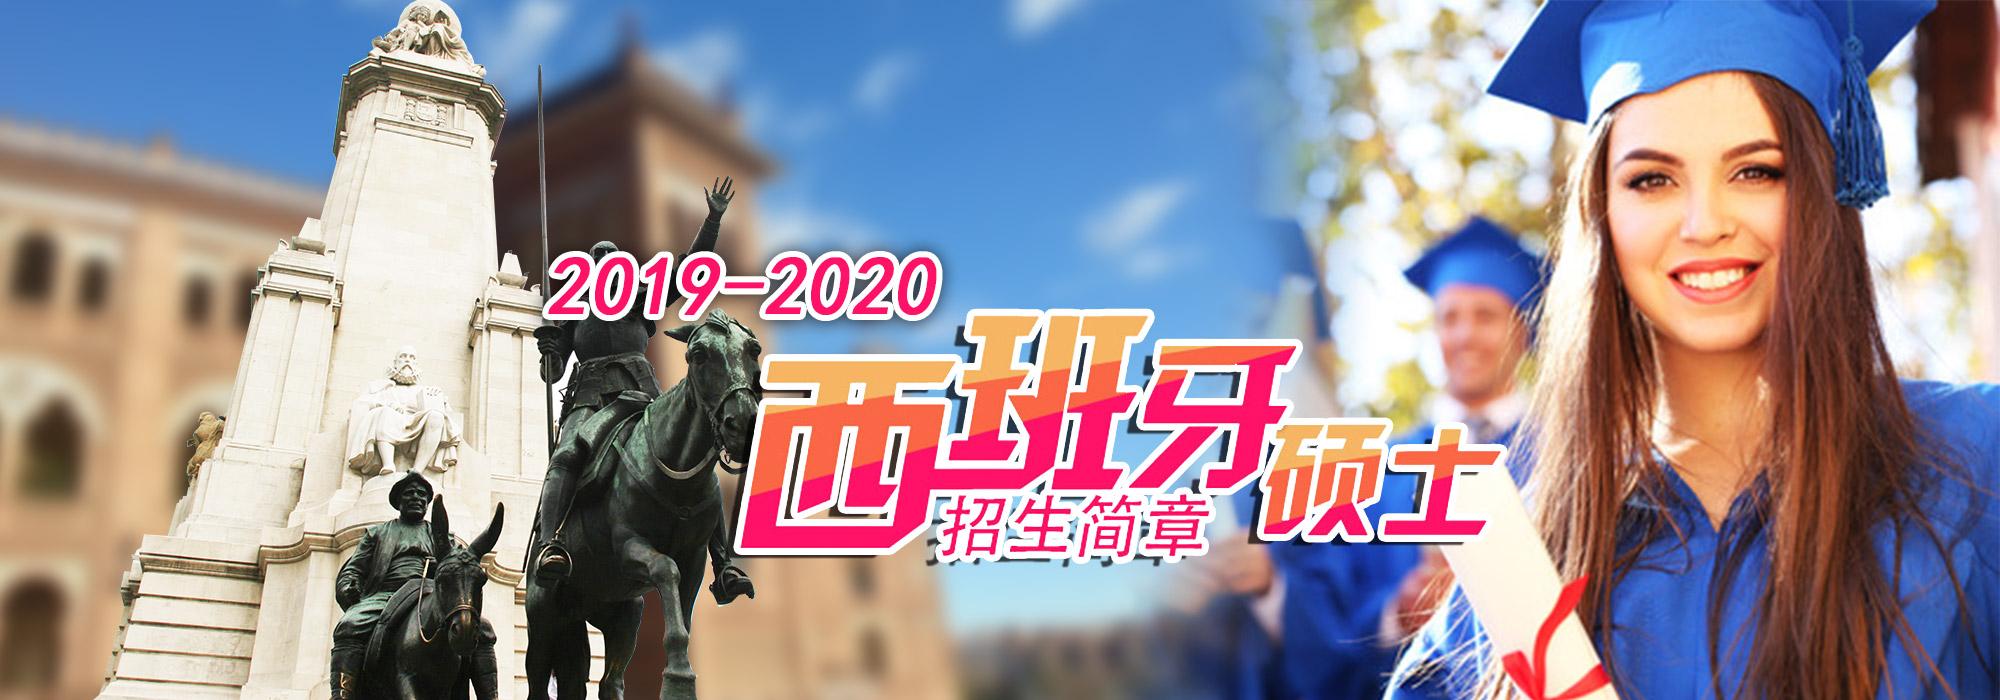 2019-2020学年西班牙大学官方硕士招生简章